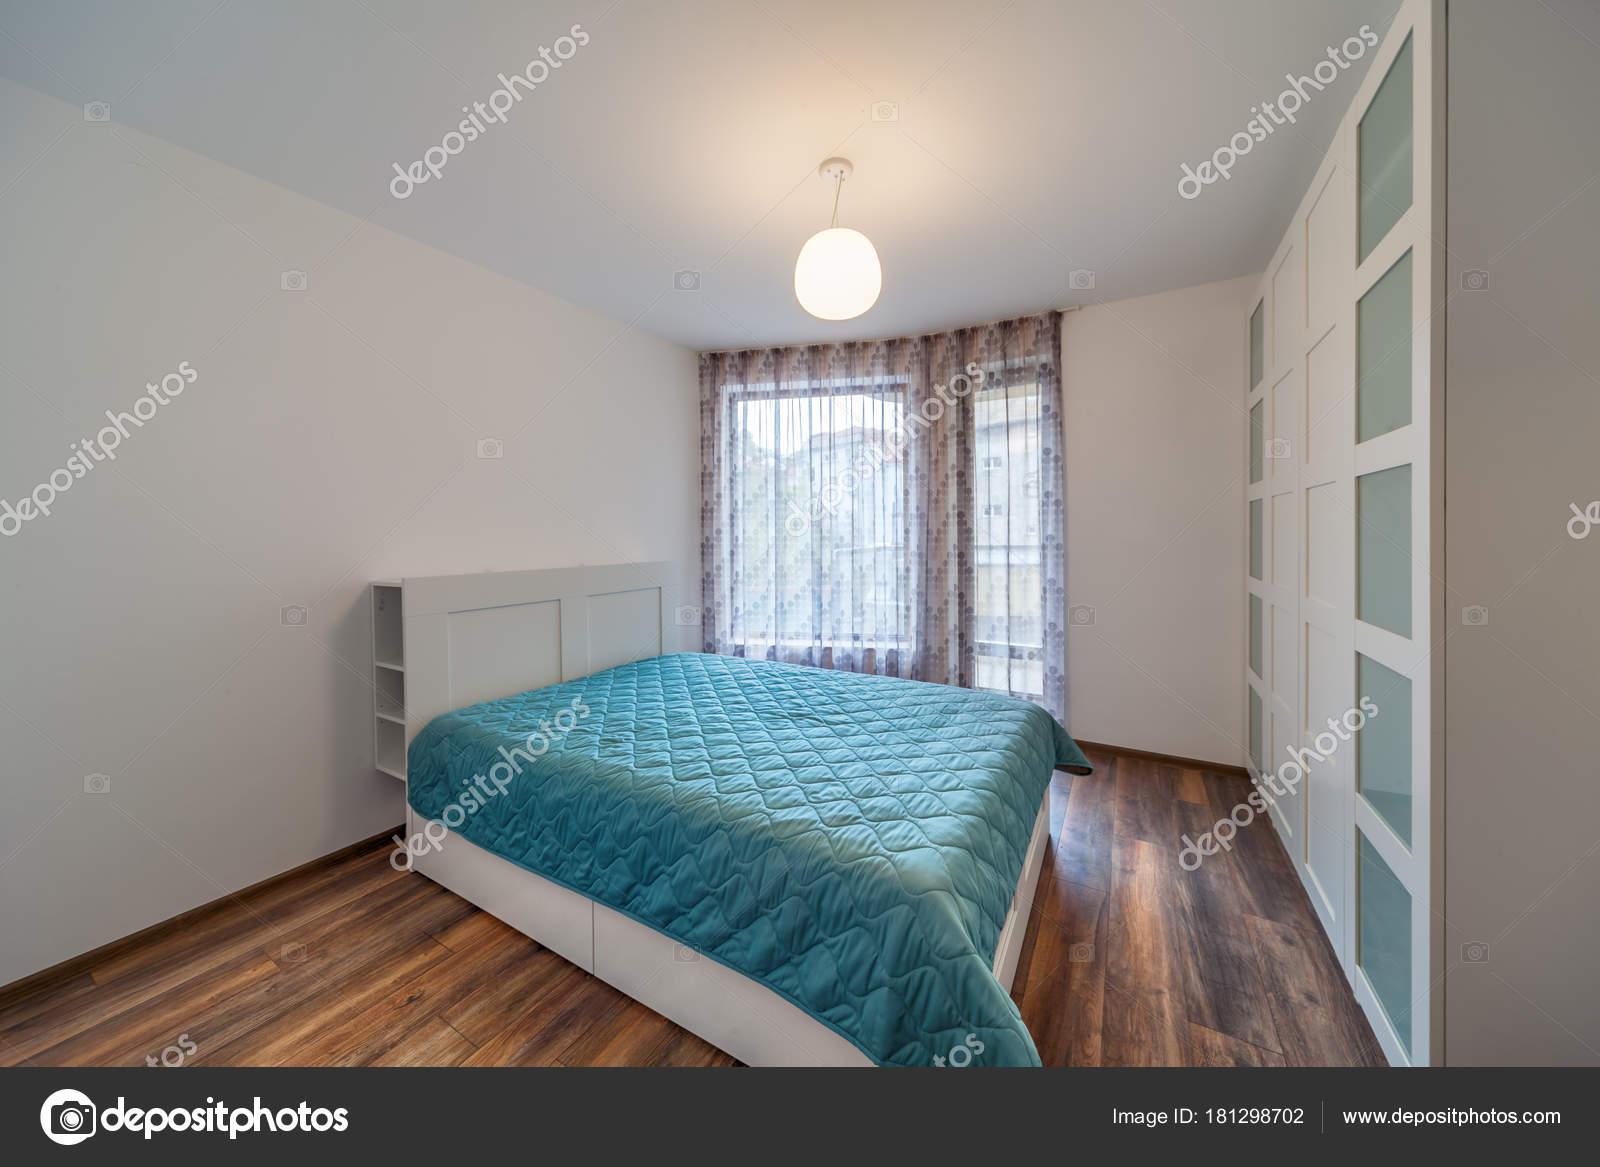 Neue moderne Schlafzimmer. Neues Zuhause. Interieur-Fotografie ...